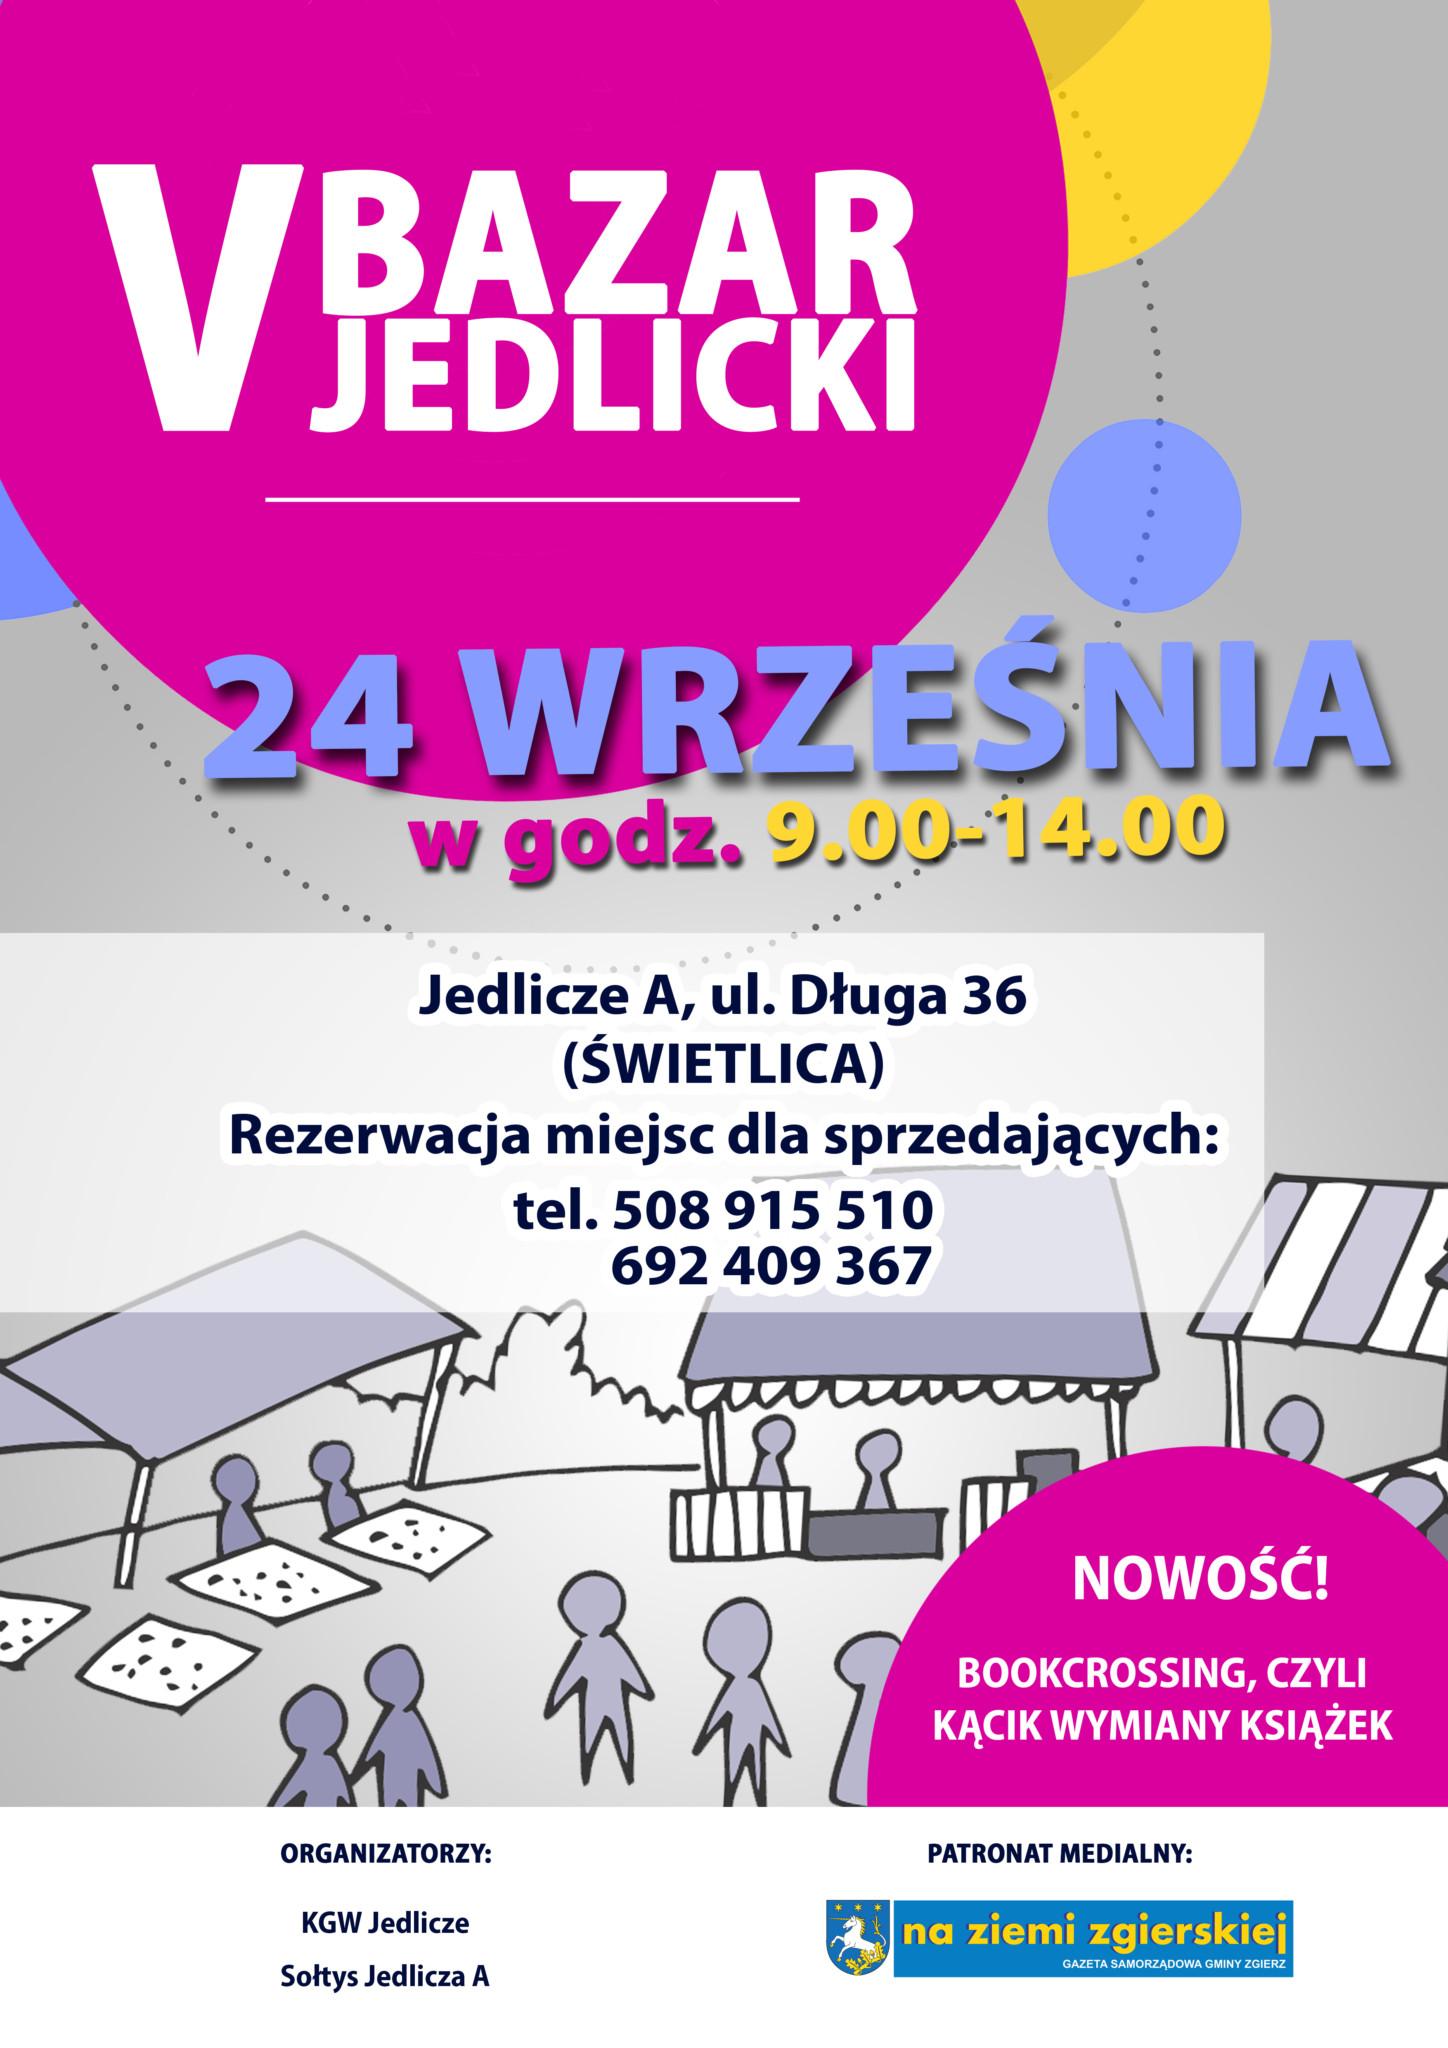 V Bazar Jedlicki @ Długa 36